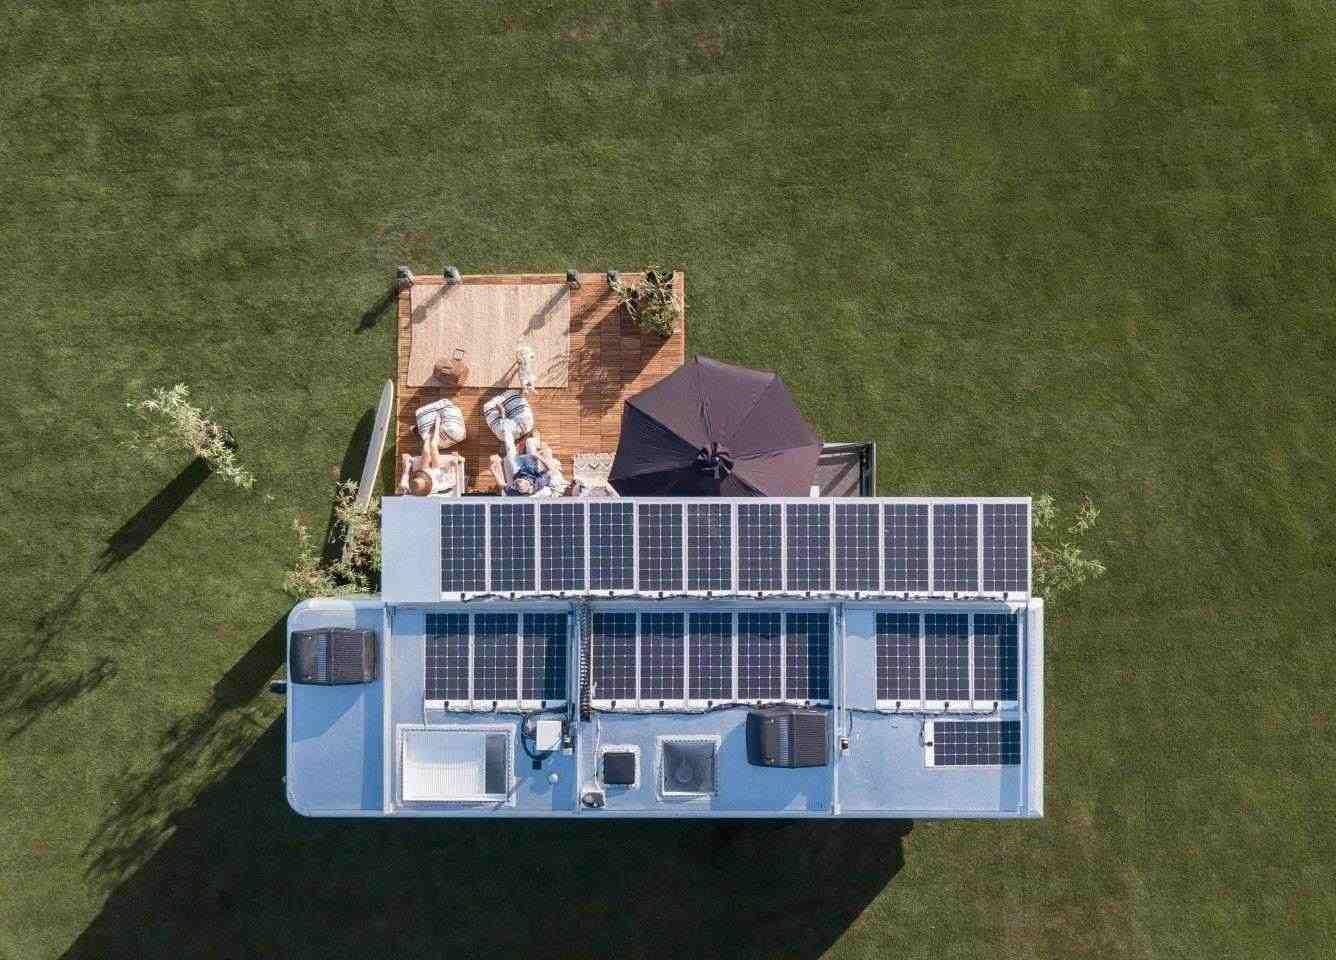 Живият автомобил 2022 се отличава с модернизирана енергийна система, която се радва на слънчева енергия